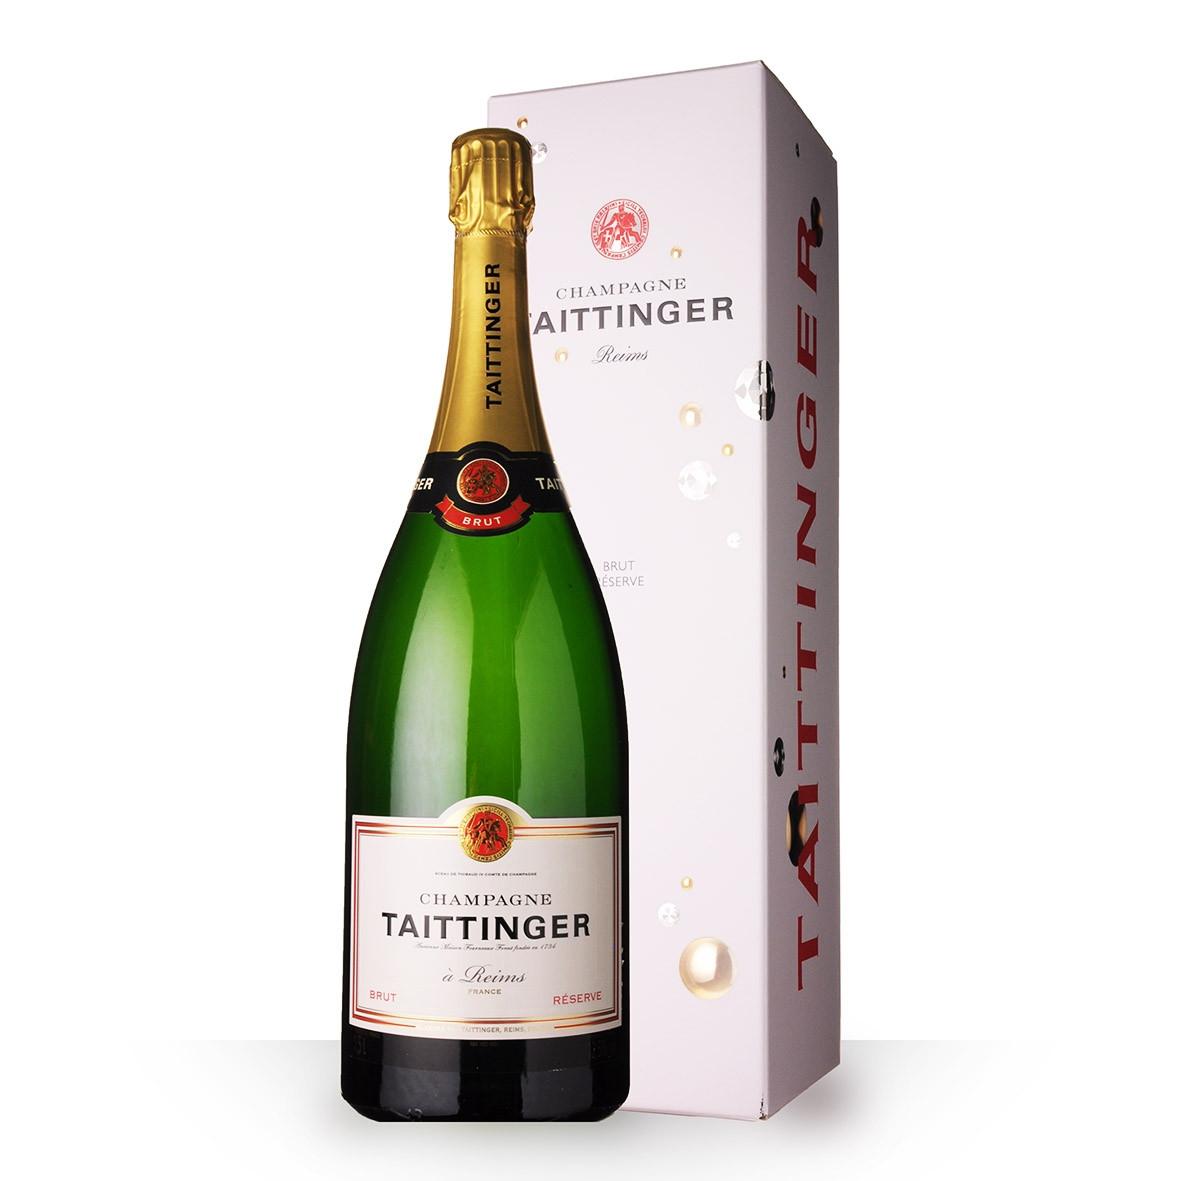 Champagne Taittinger Brut Réserve 150cl Etui www.odyssee-vins.com